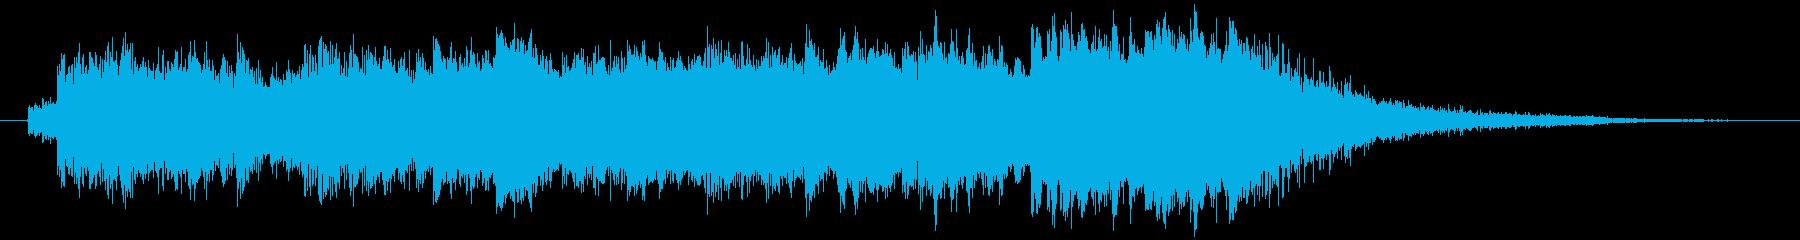 プログレッシブ 交響曲 ファンタジ...の再生済みの波形